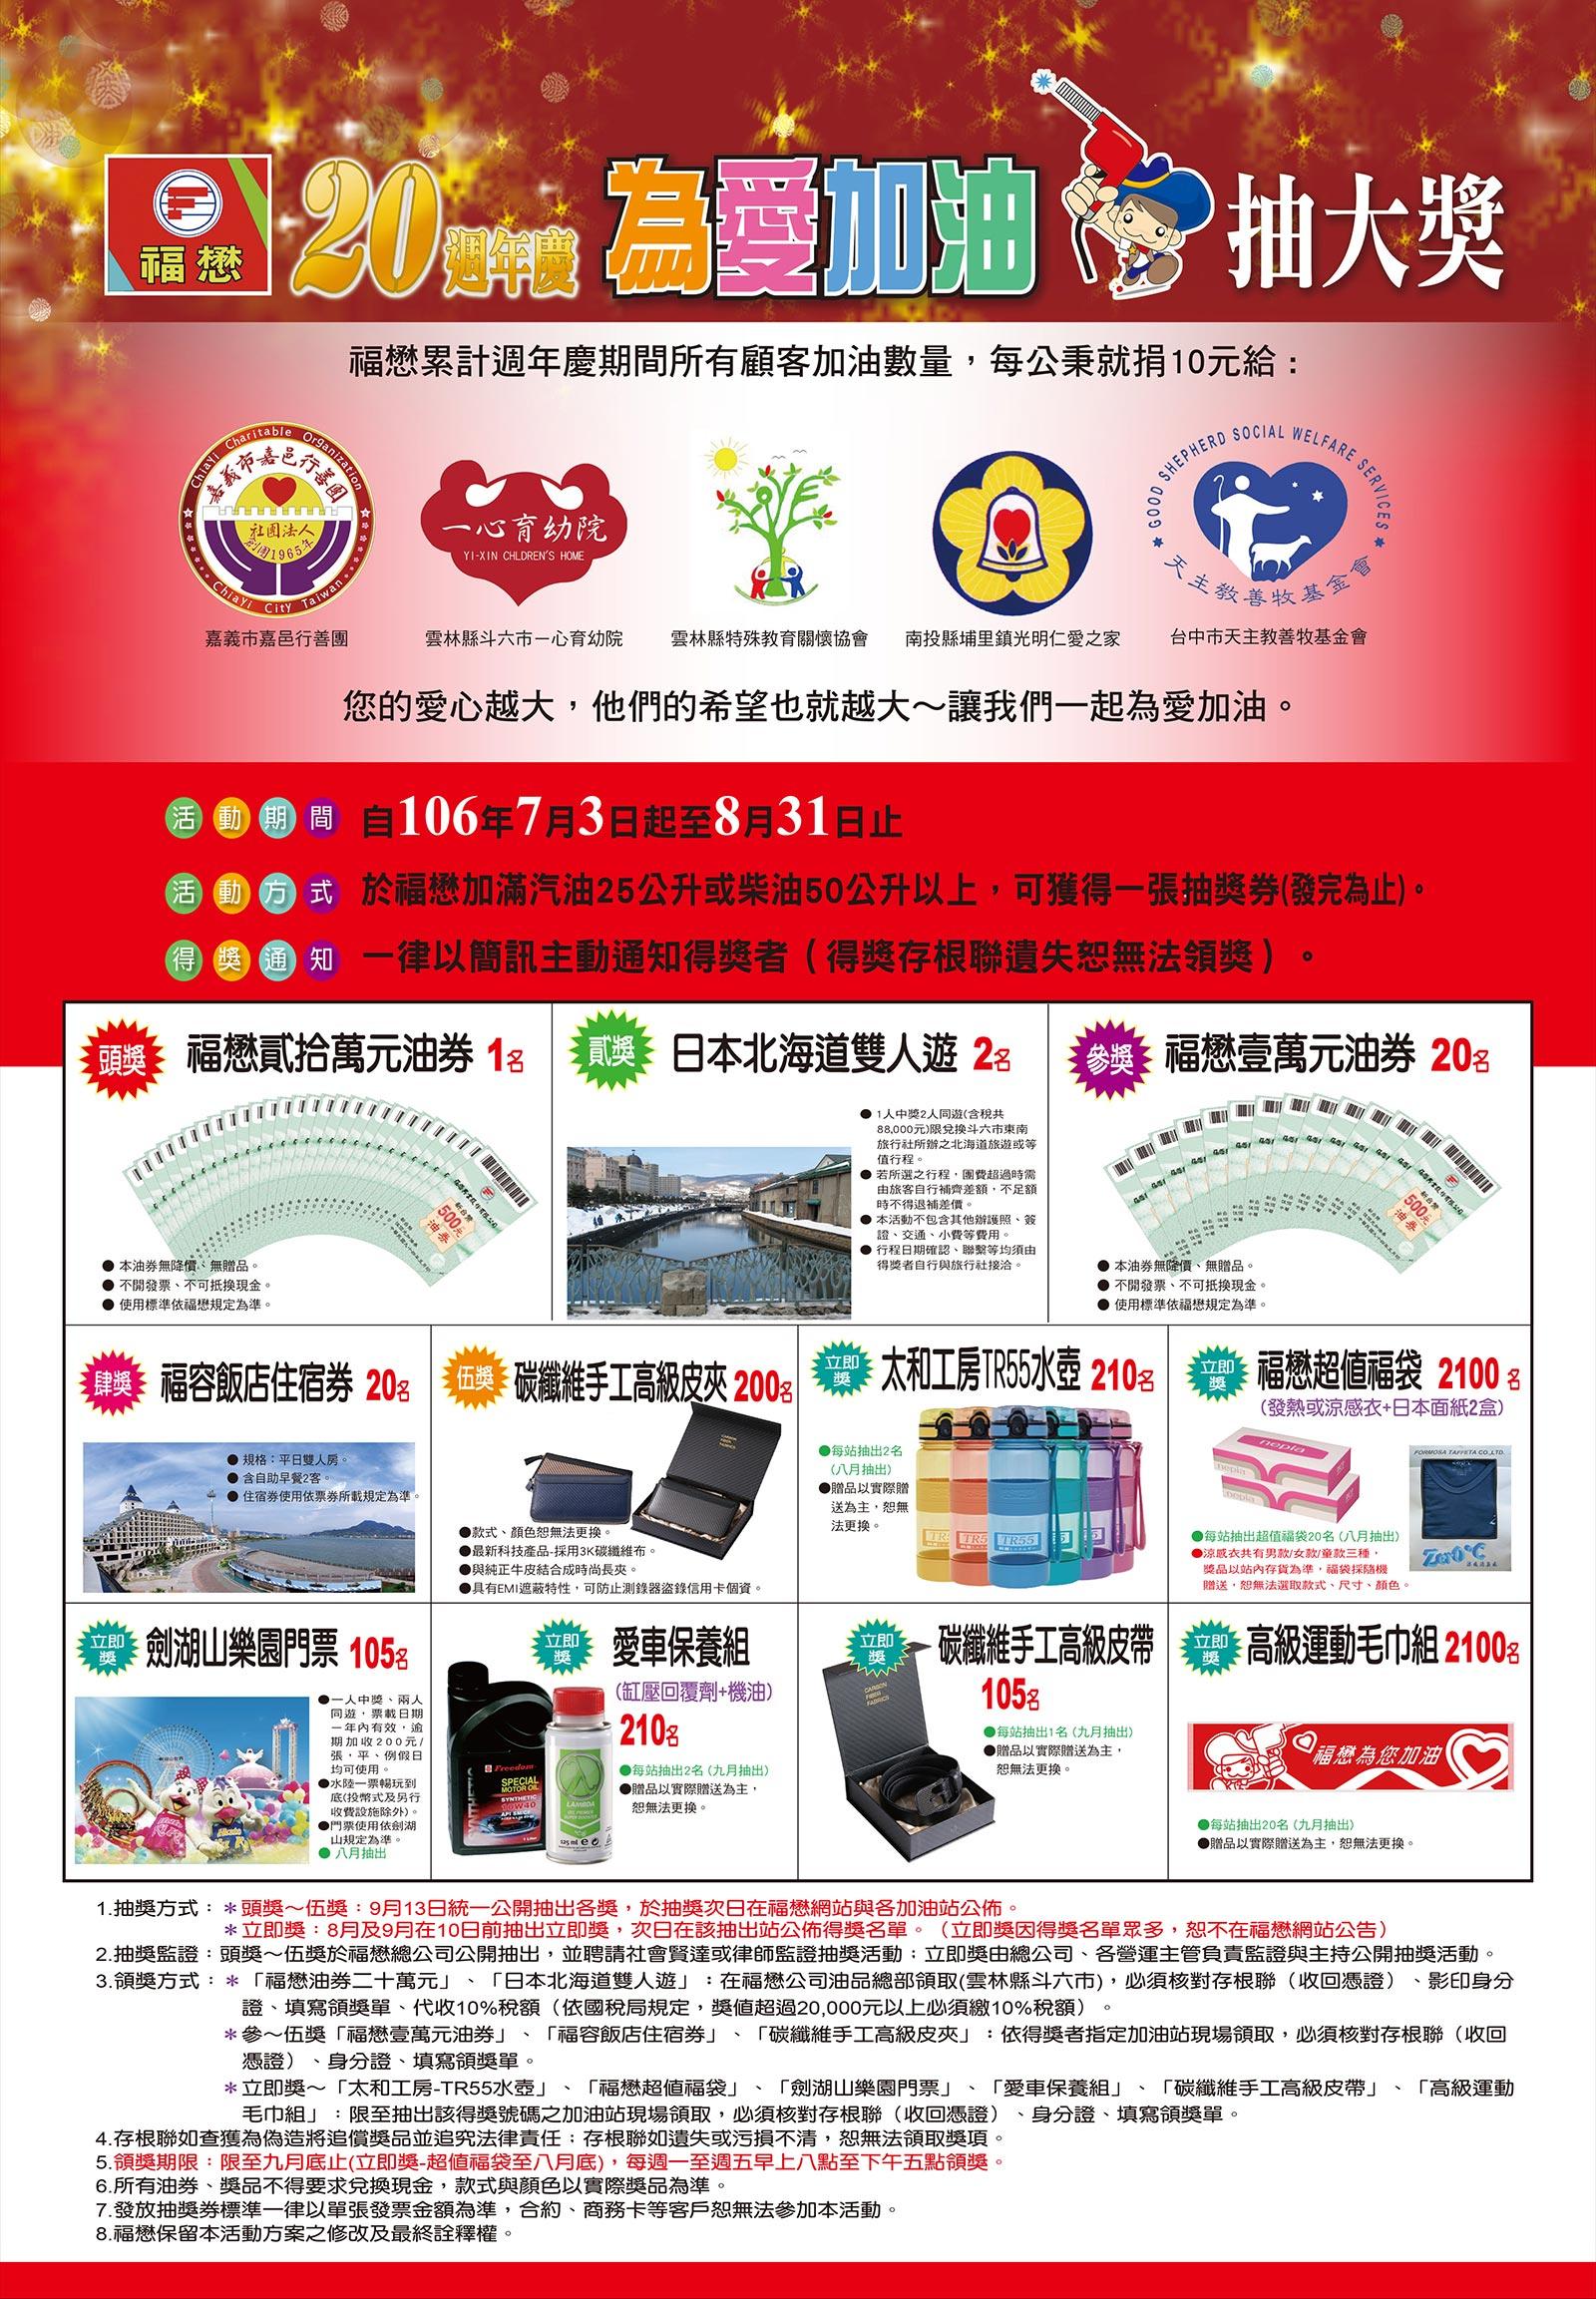 福懋加油站20周年庆活动海报